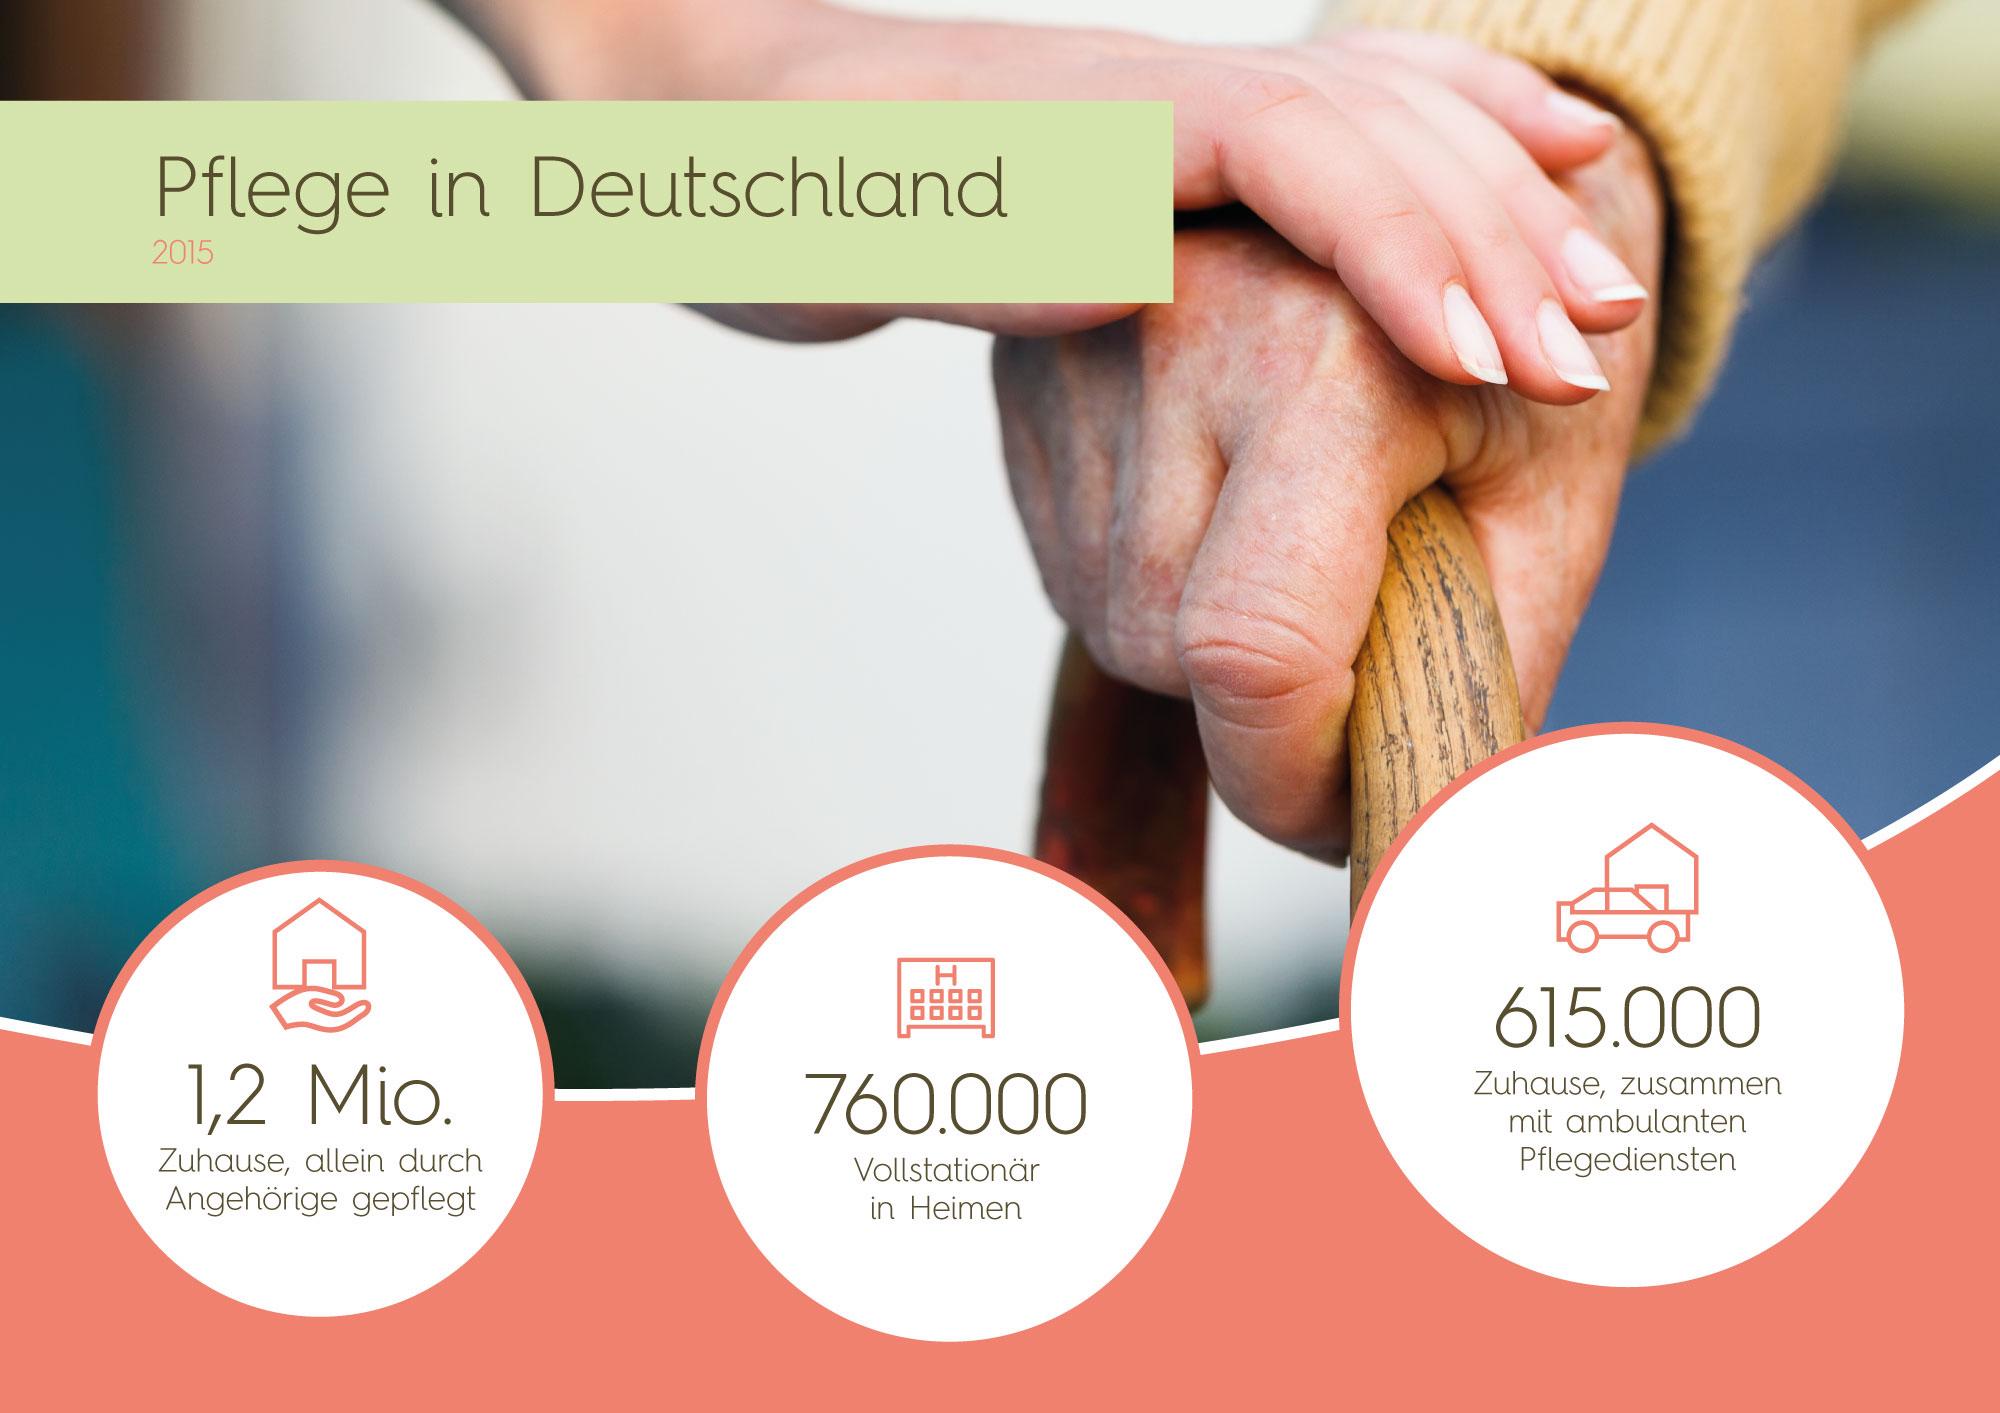 Pflege Zuhause, stationär in Heimen und ambulante Pflegedienste